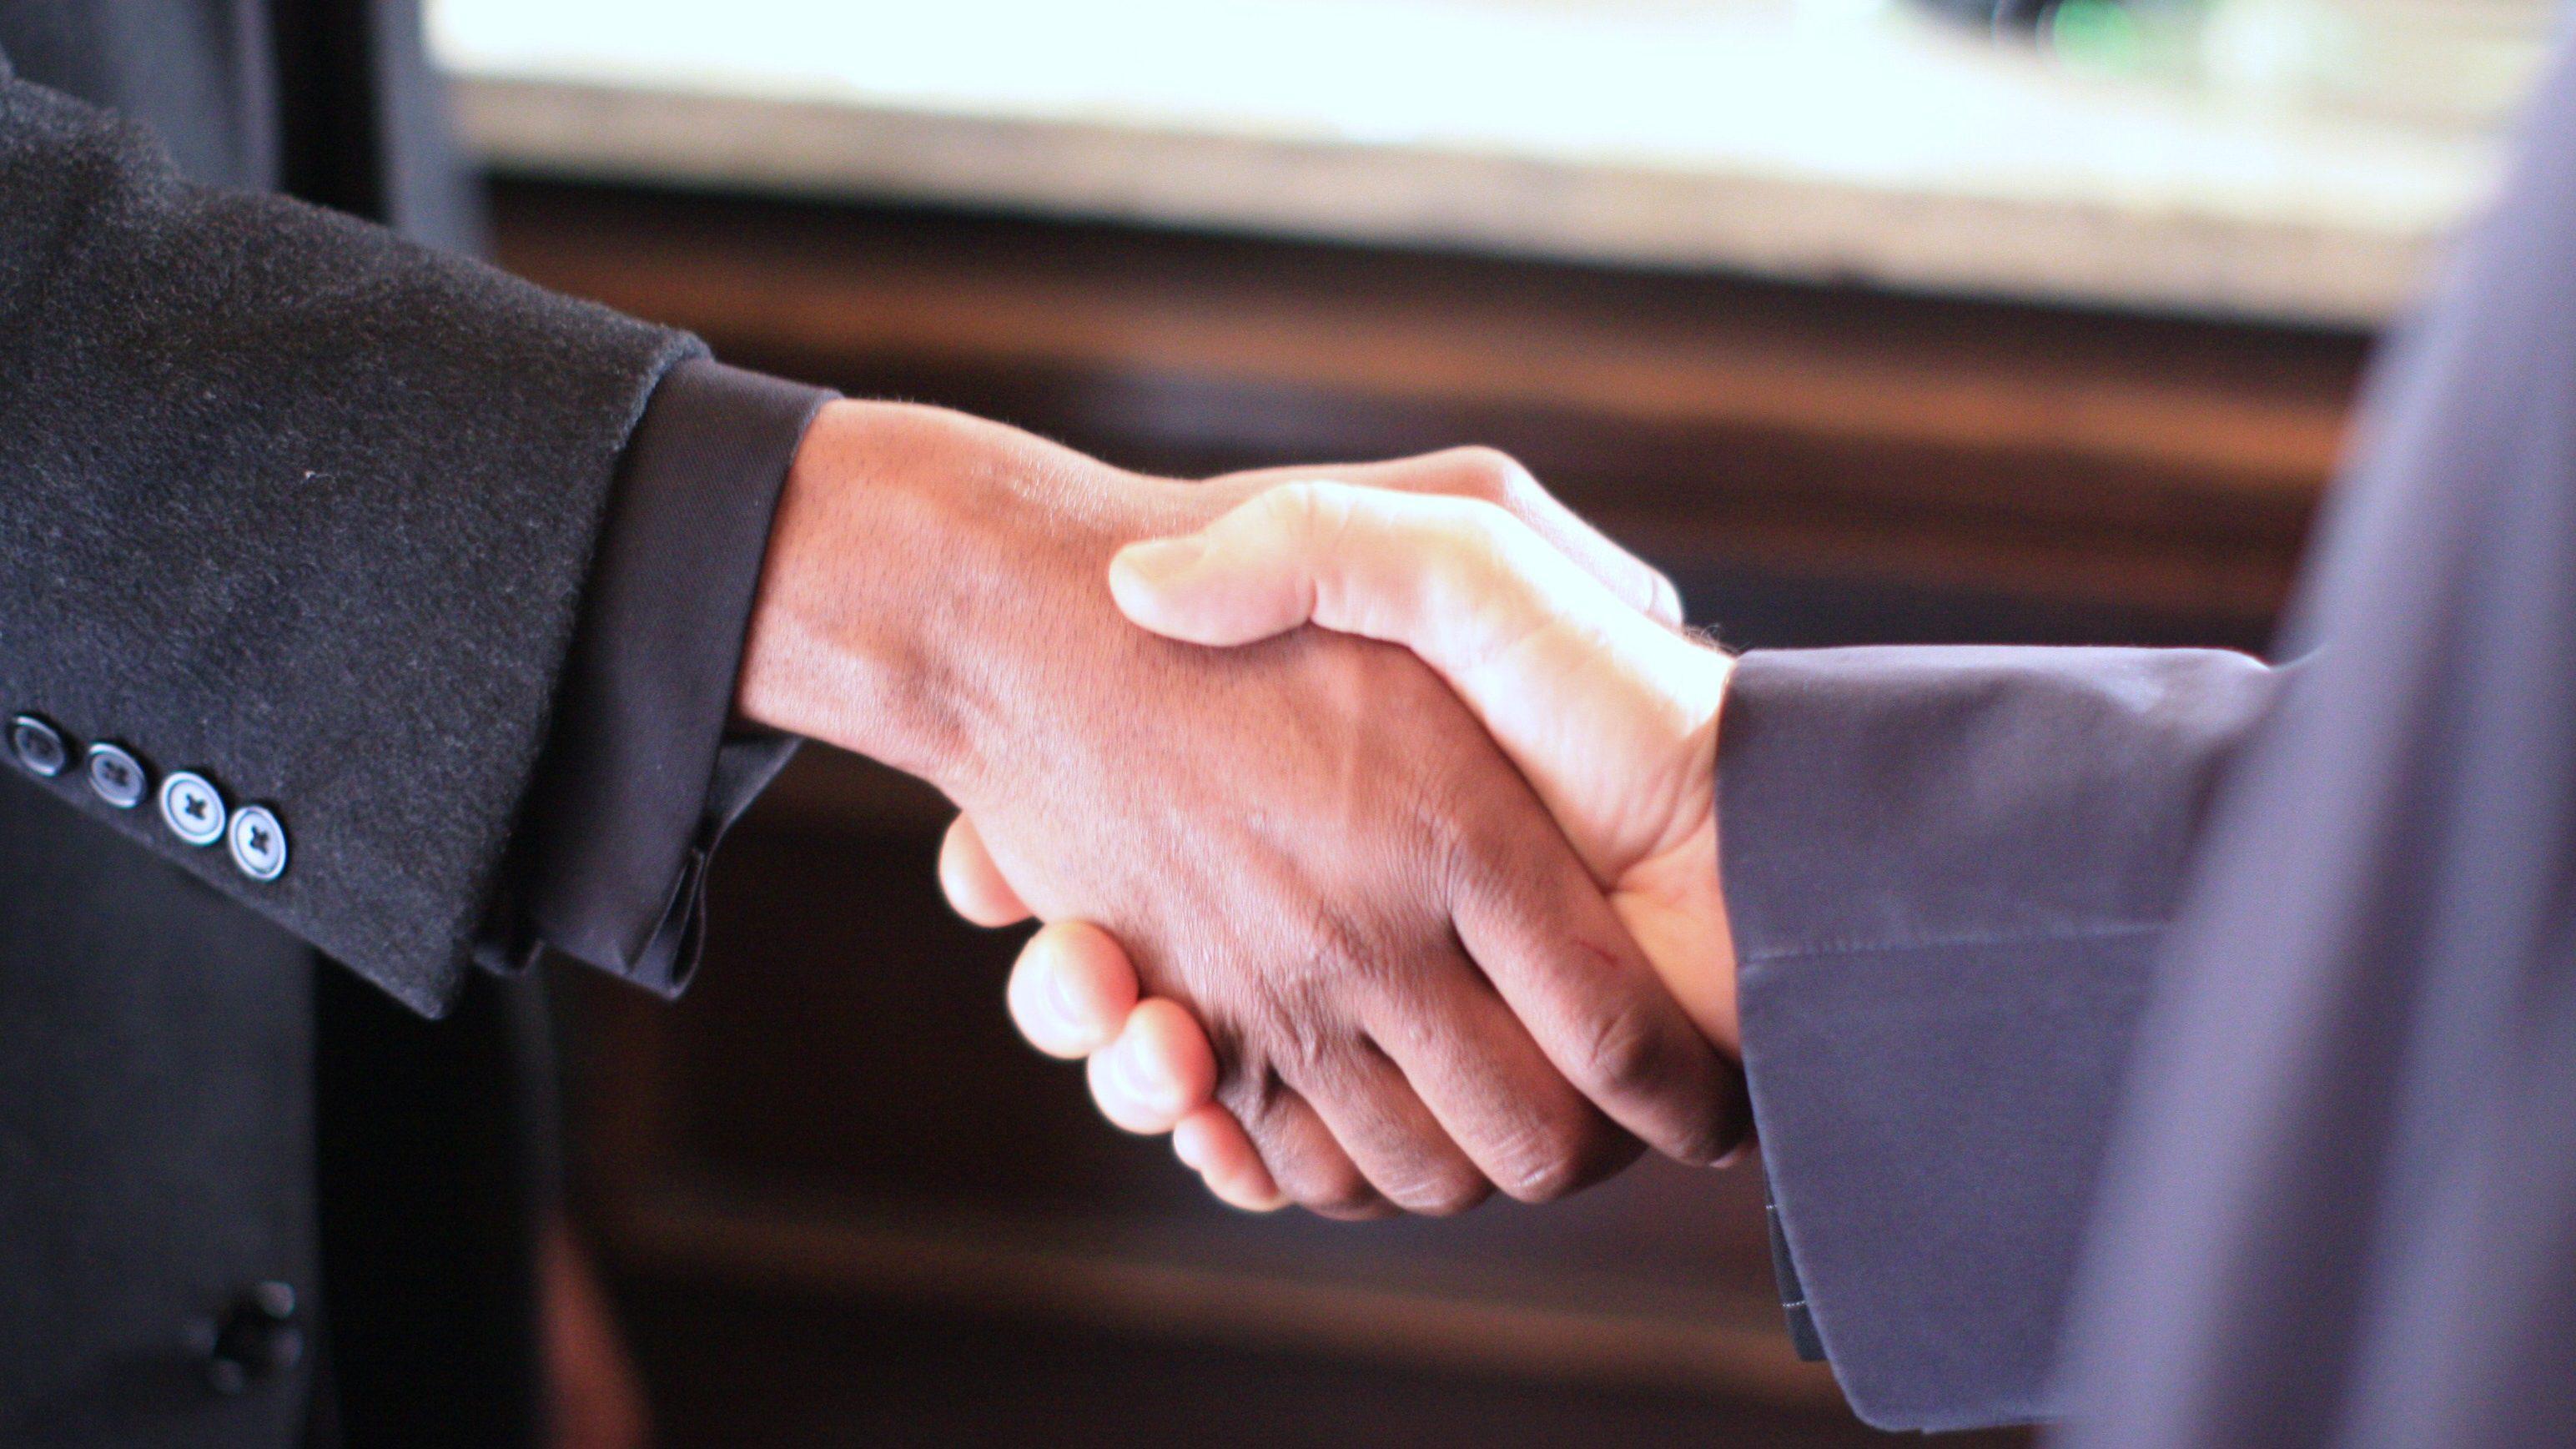 אלטשולר שחם מכר מניות – וחדל להיות בעל עניין בדיסקונט